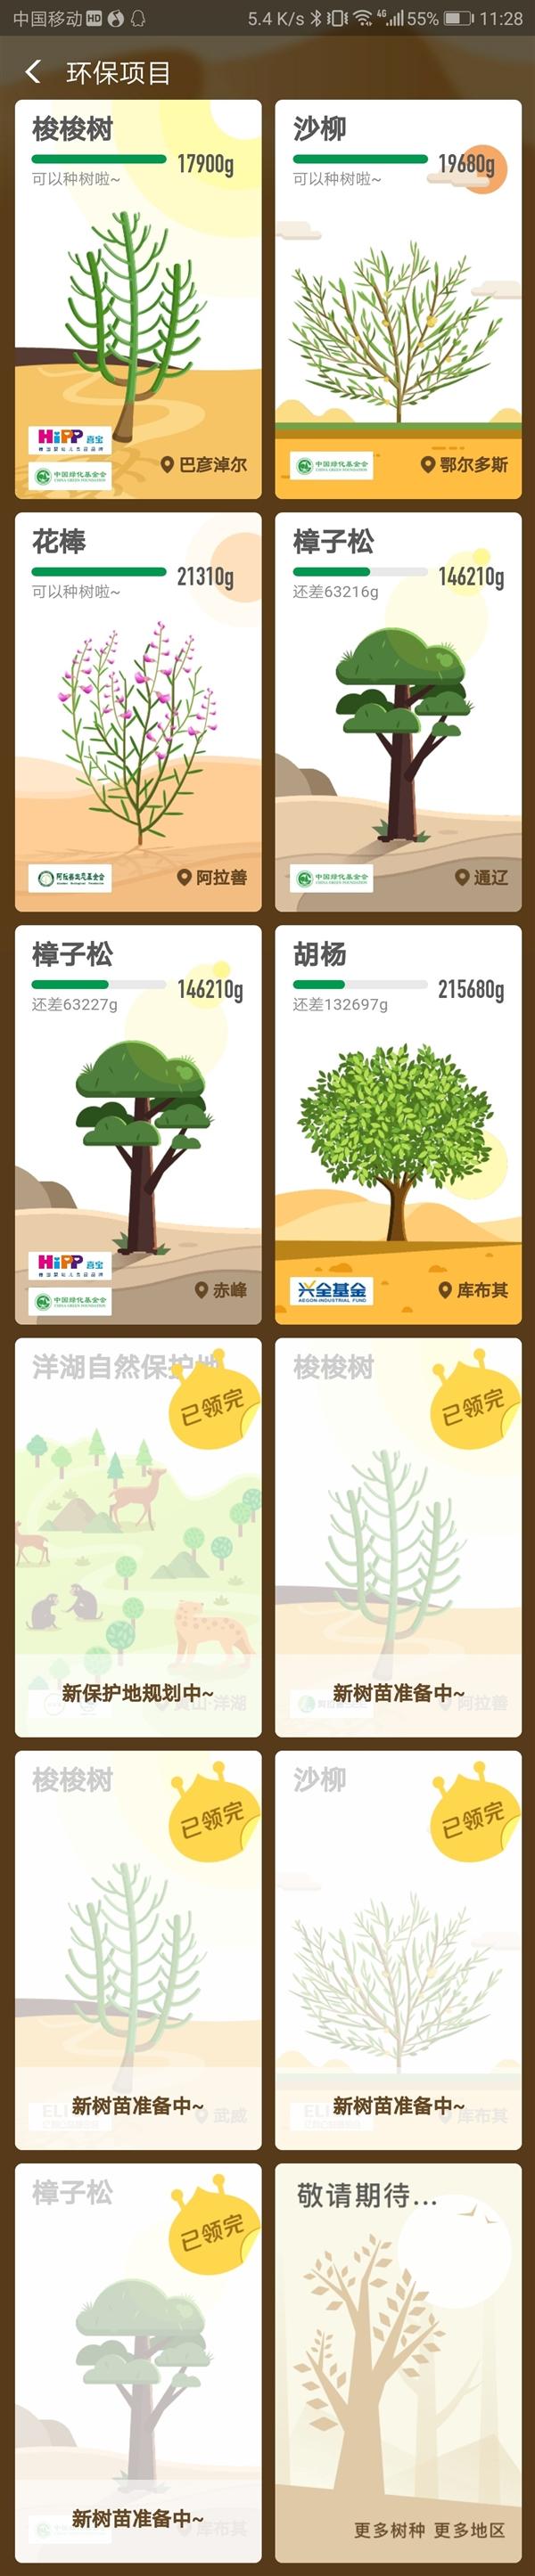 支付宝蚂蚁森林引入新物种:快来种花姑娘